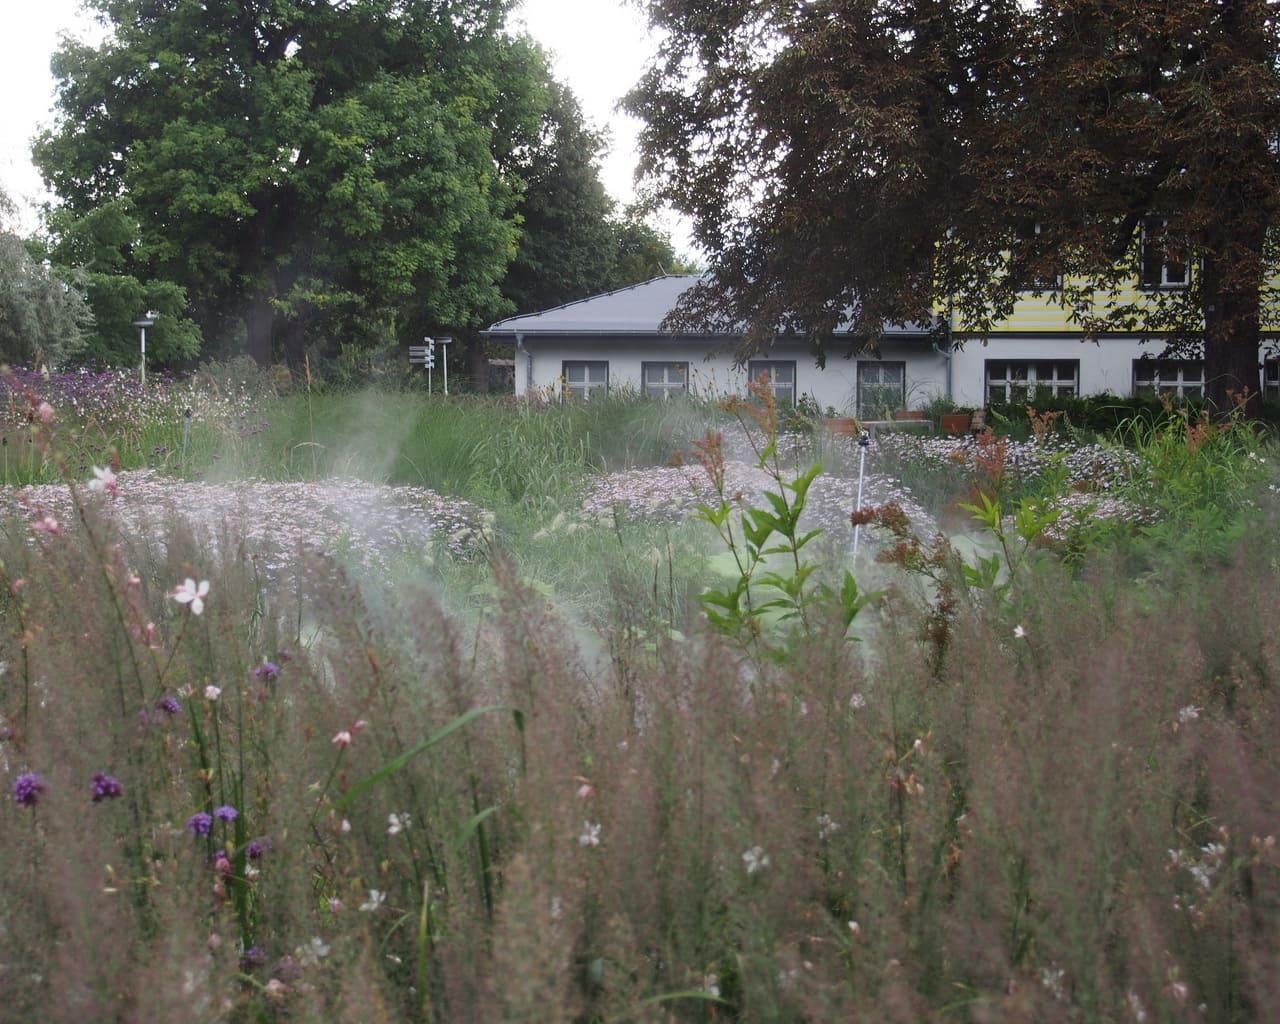 Gräsergarten im ega Park, Planung Petra Pelz 2014, Nebeldüsen überziehen die Pflanzen mit einem feinen Wasserschleier